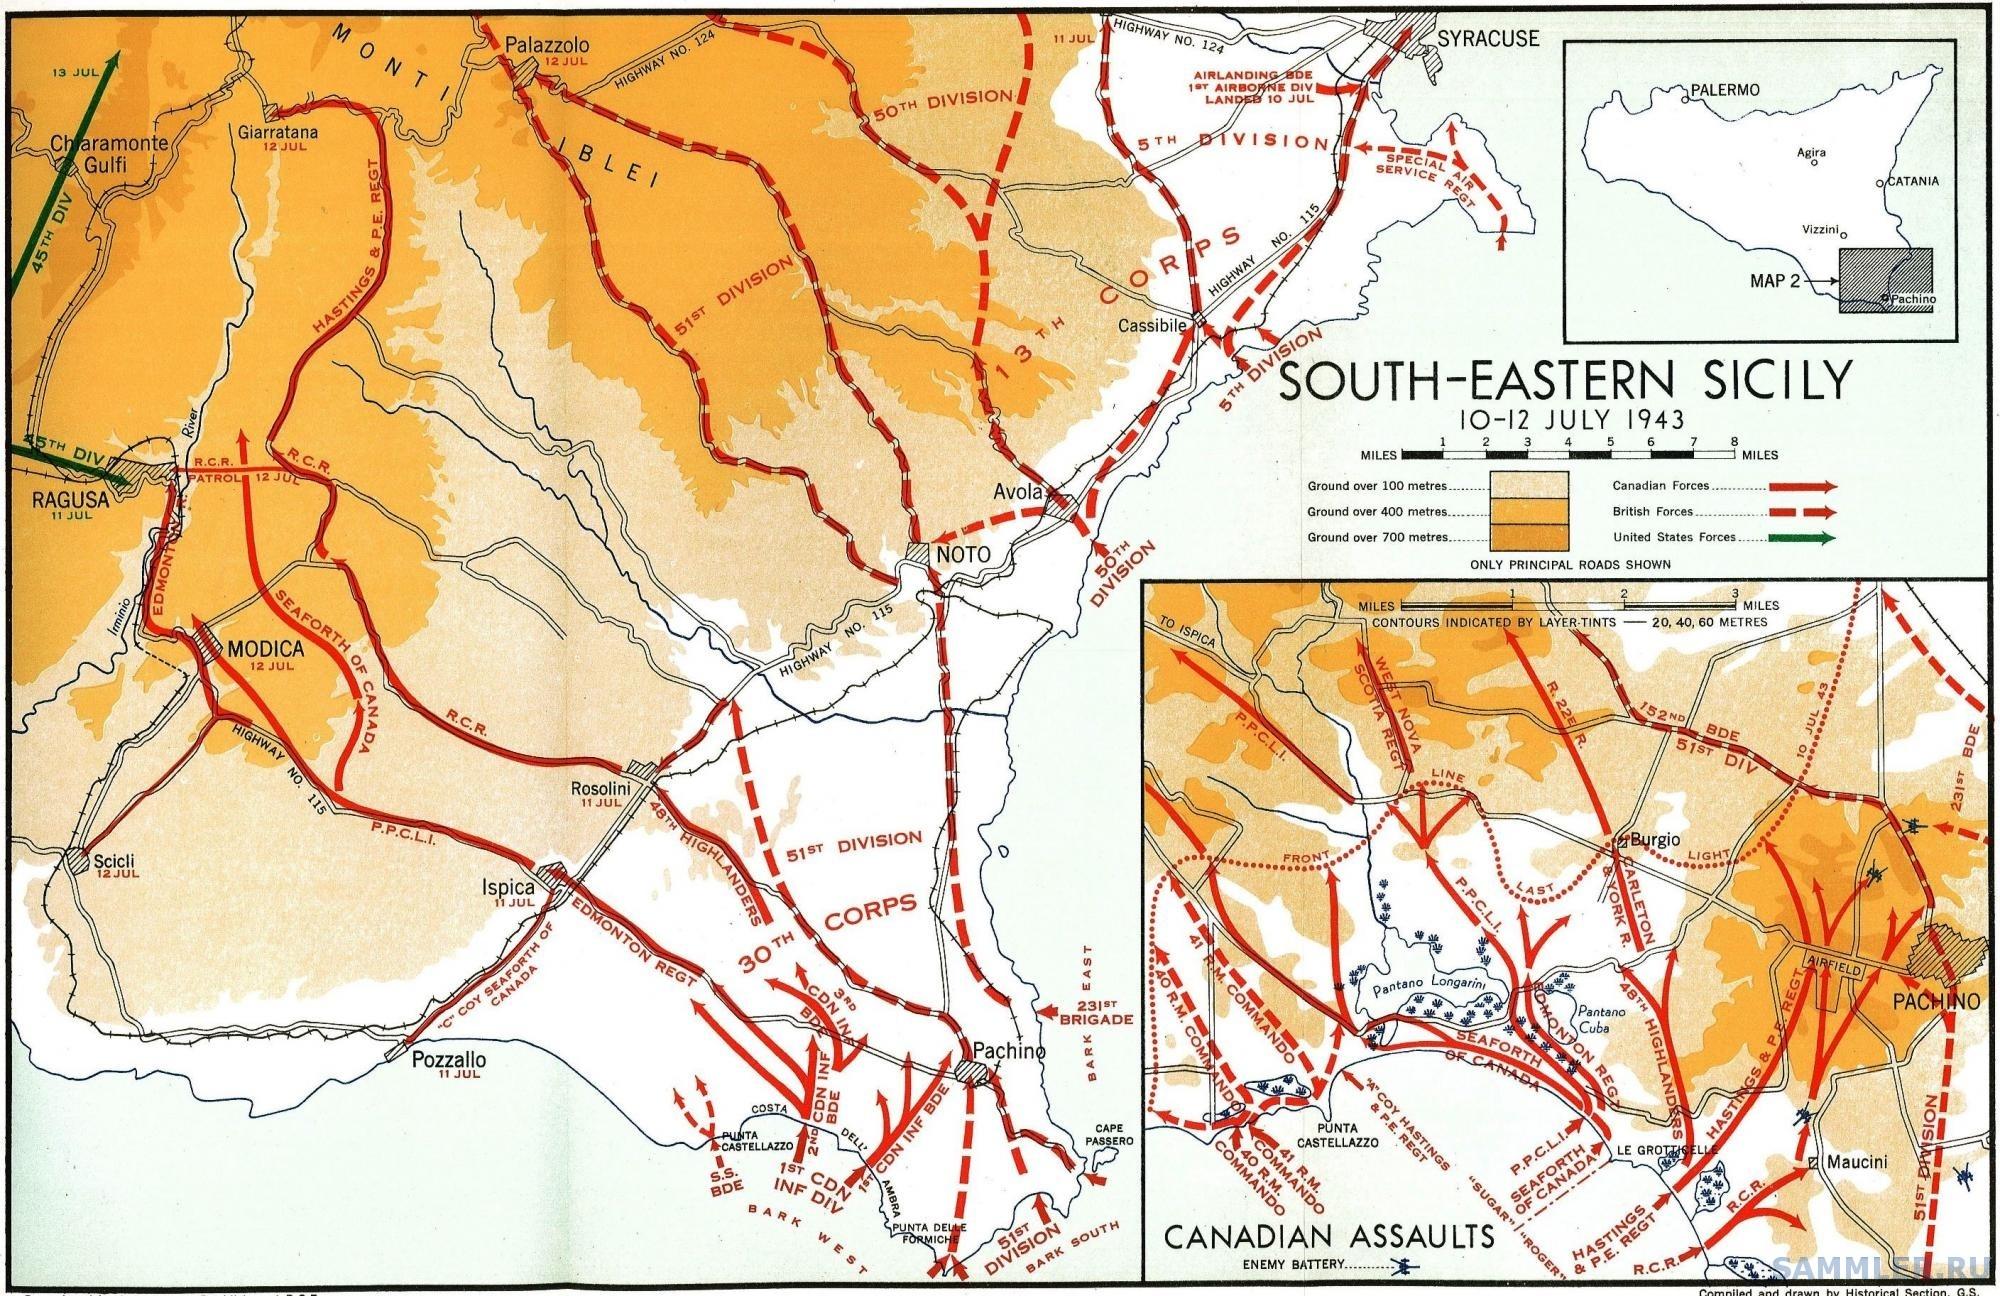 Sicily Ops 3-2 - Jul 43 - Map 2.jpg